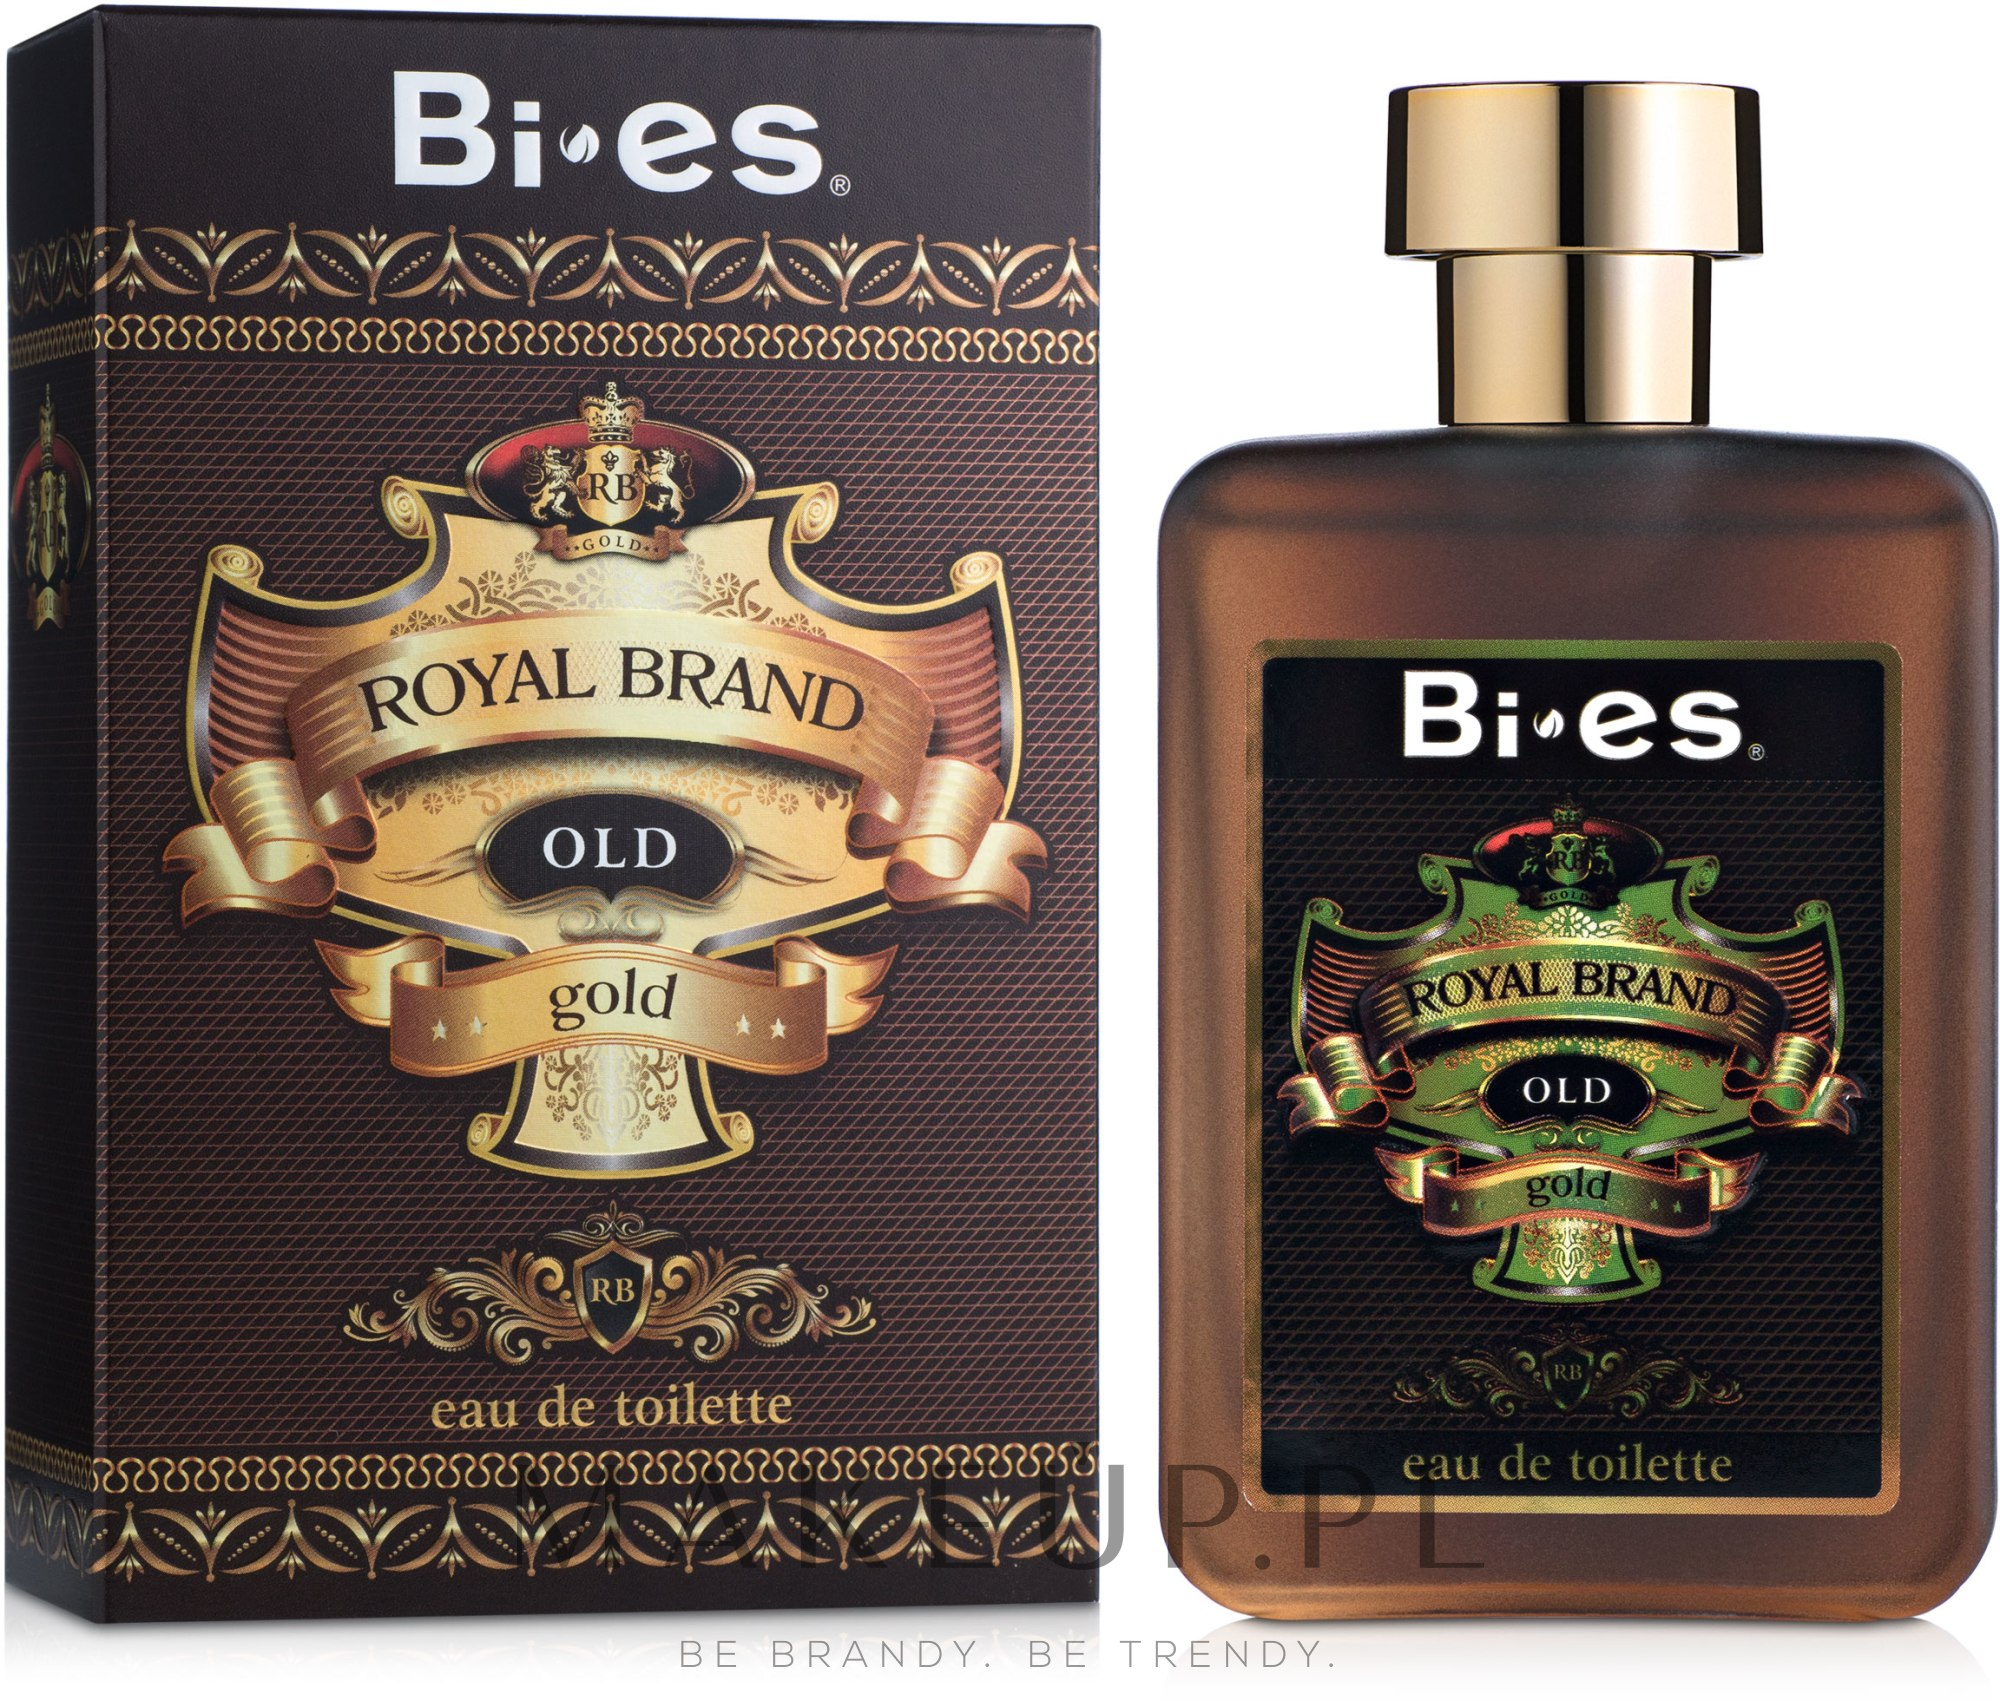 bi-es royal brand old gold